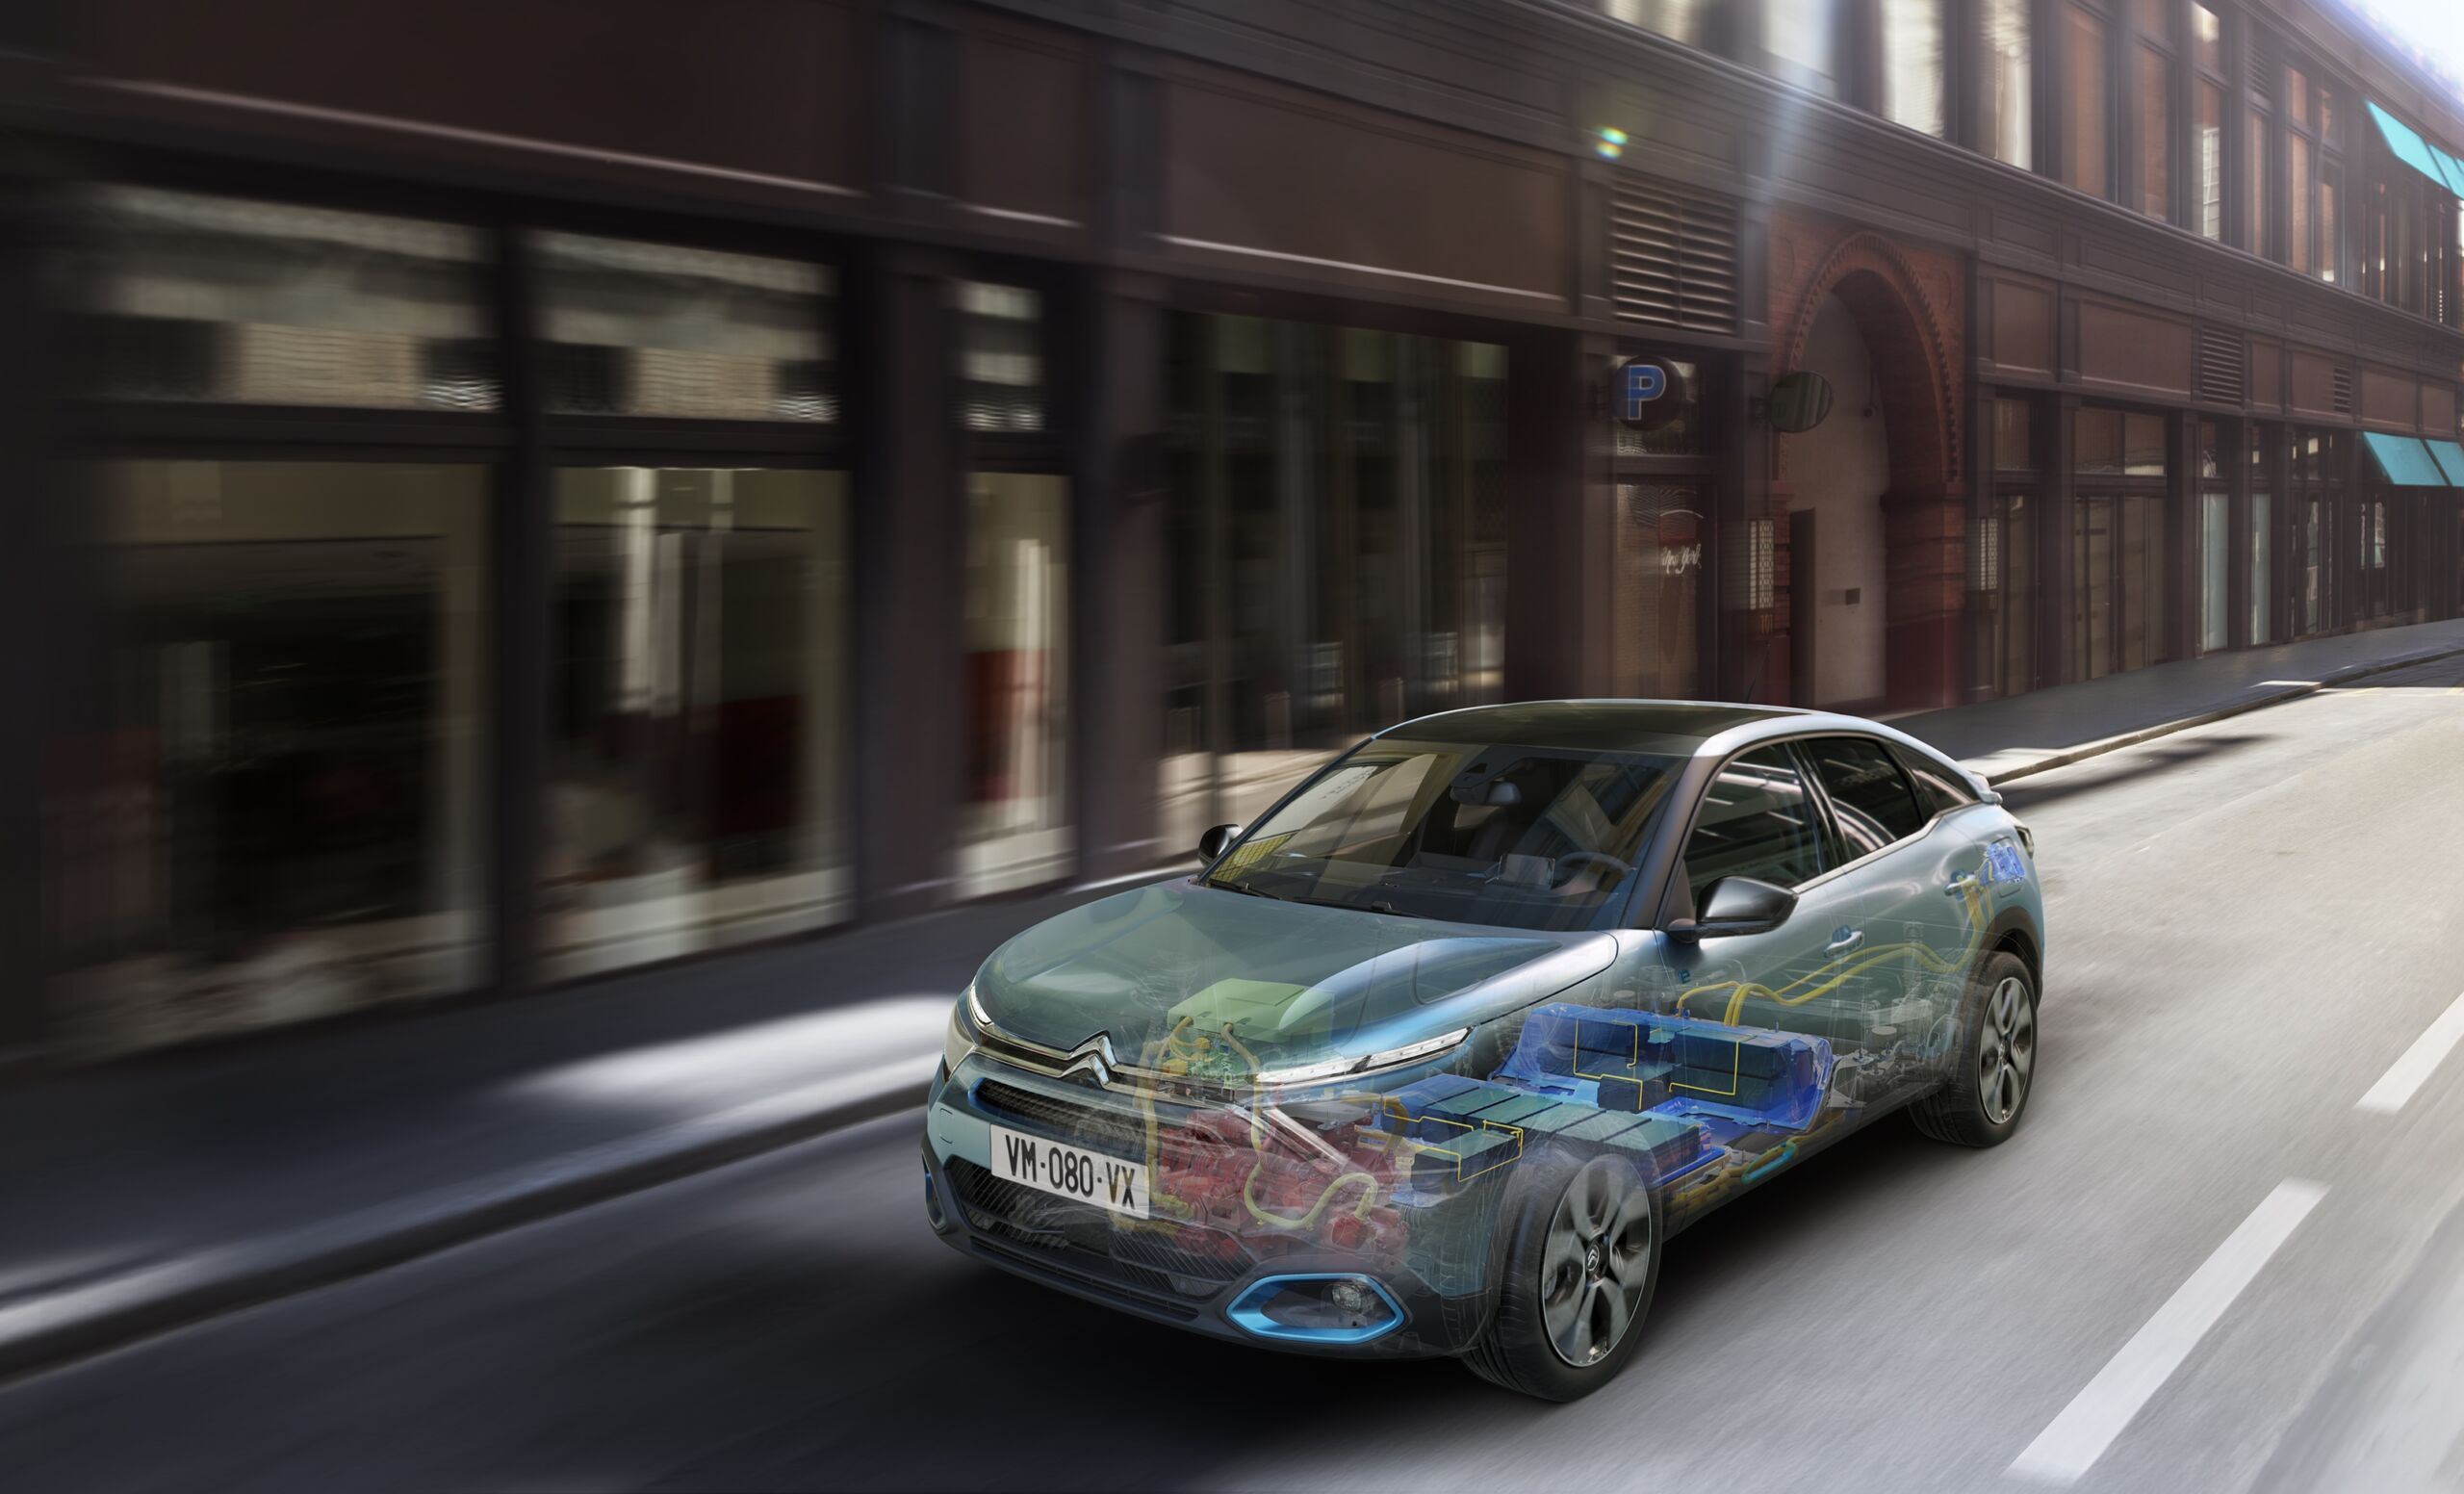 Nuova Citroën e-C4 simulatore autonomia